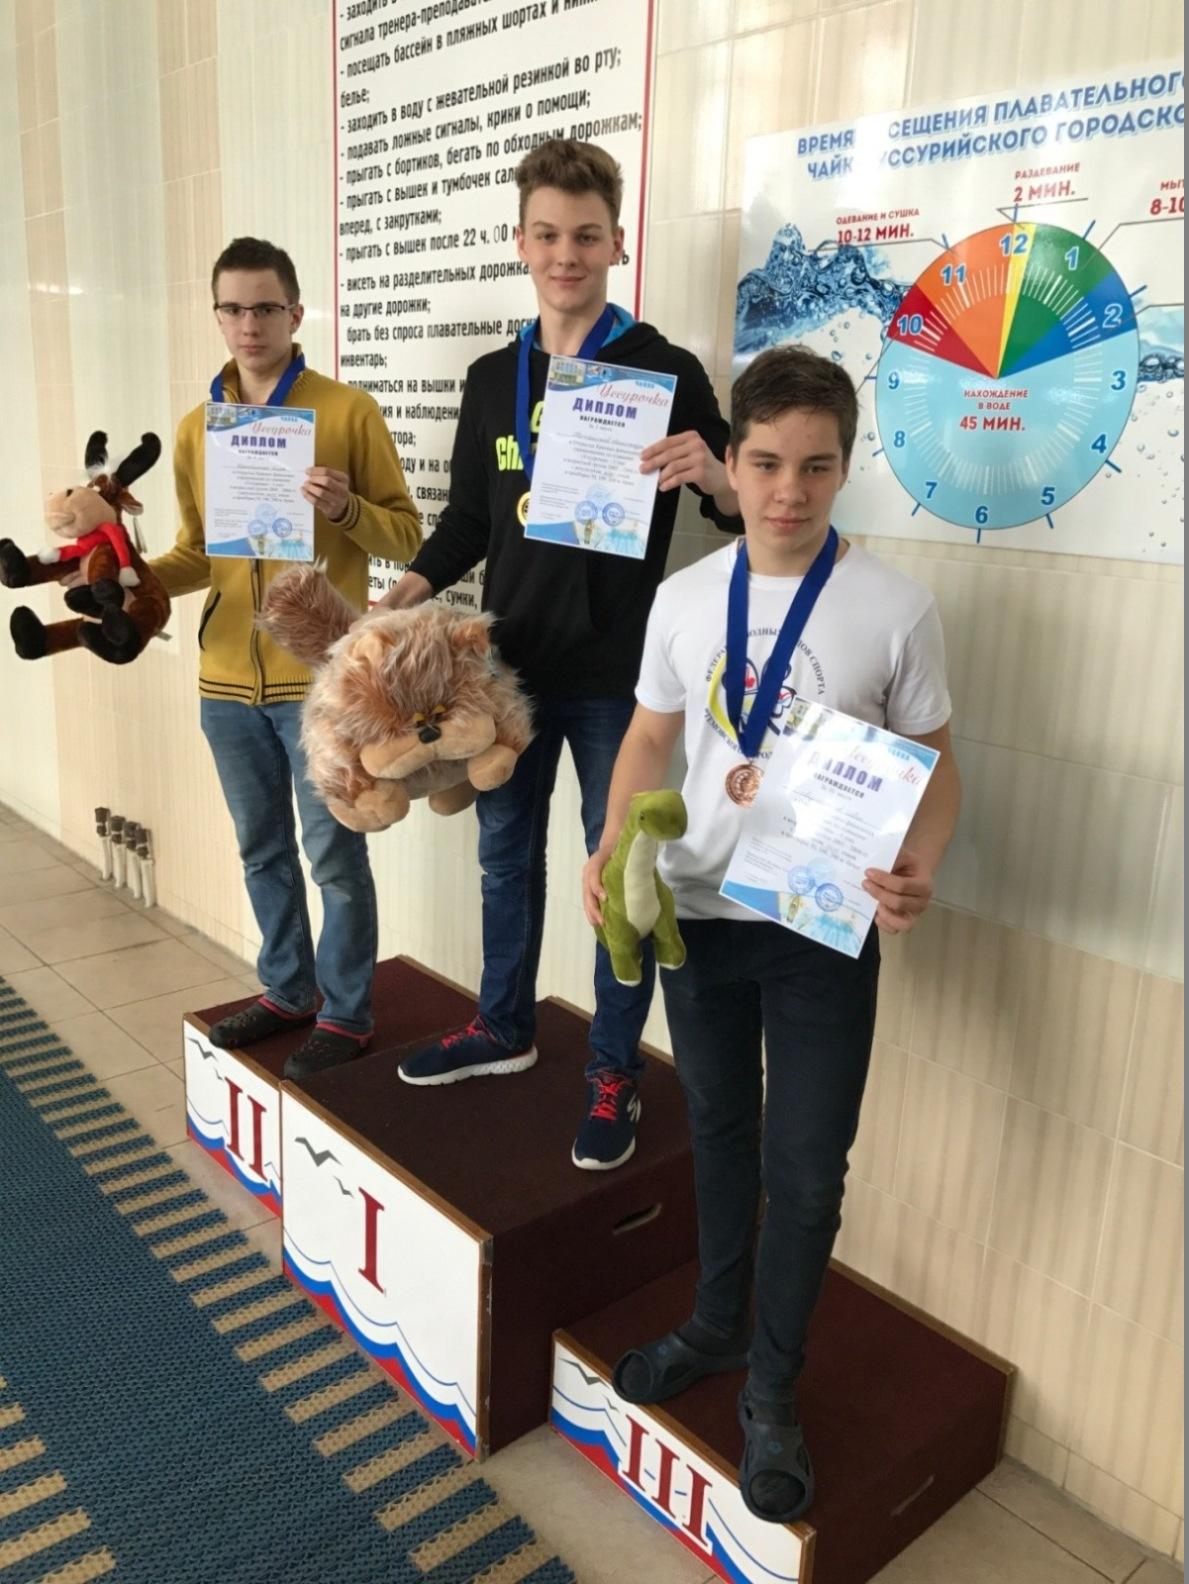 Александр Артамонов - победитель соревнований. Эта и все следующие фотографии предоставлены семьей Артамоновых.